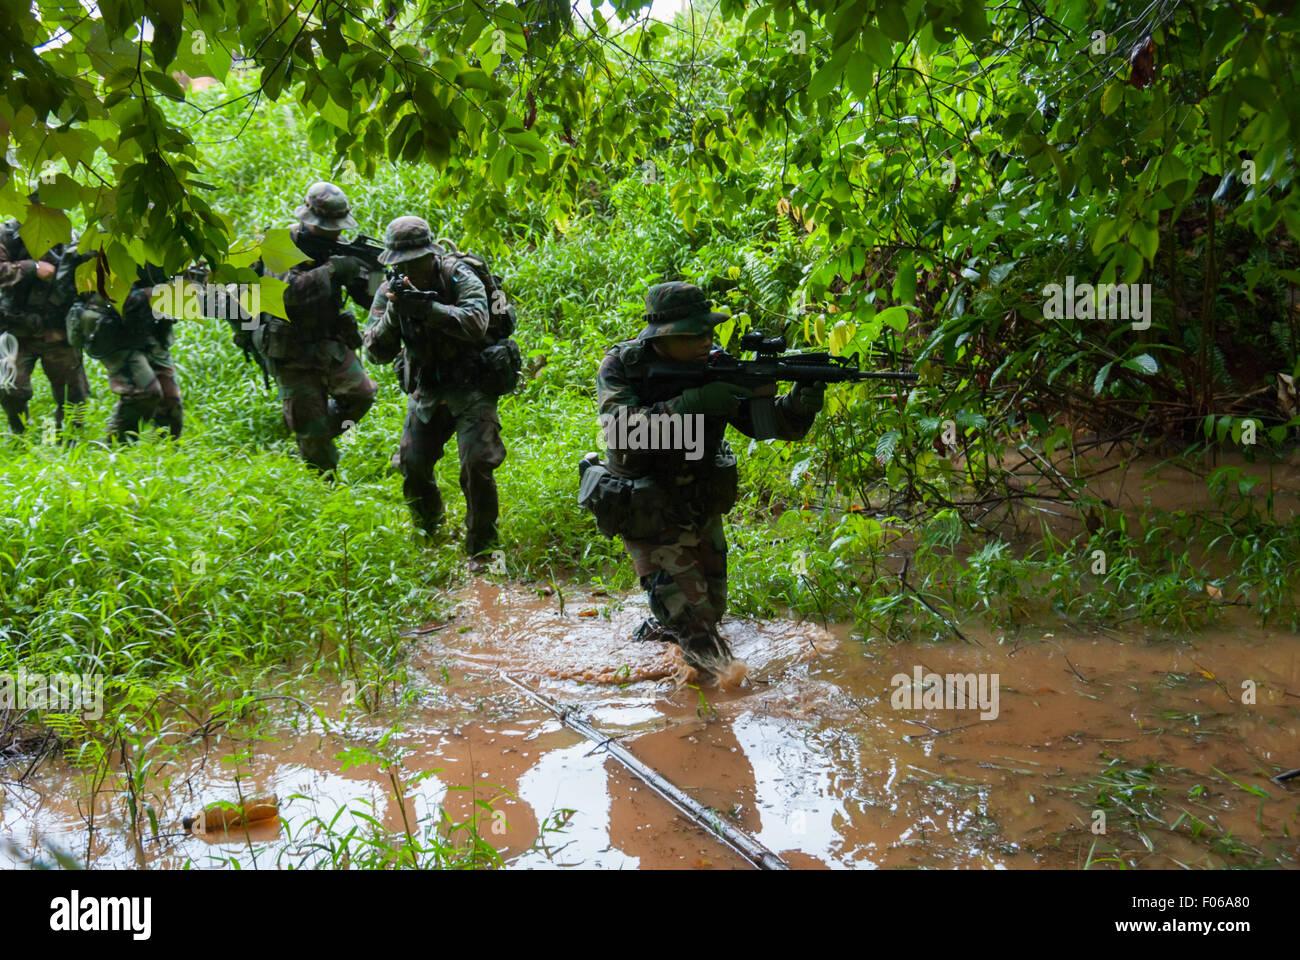 Gli uomini a piedi nella zona di palude durante un ricreative, rievocazione militare giocare. Immagini Stock